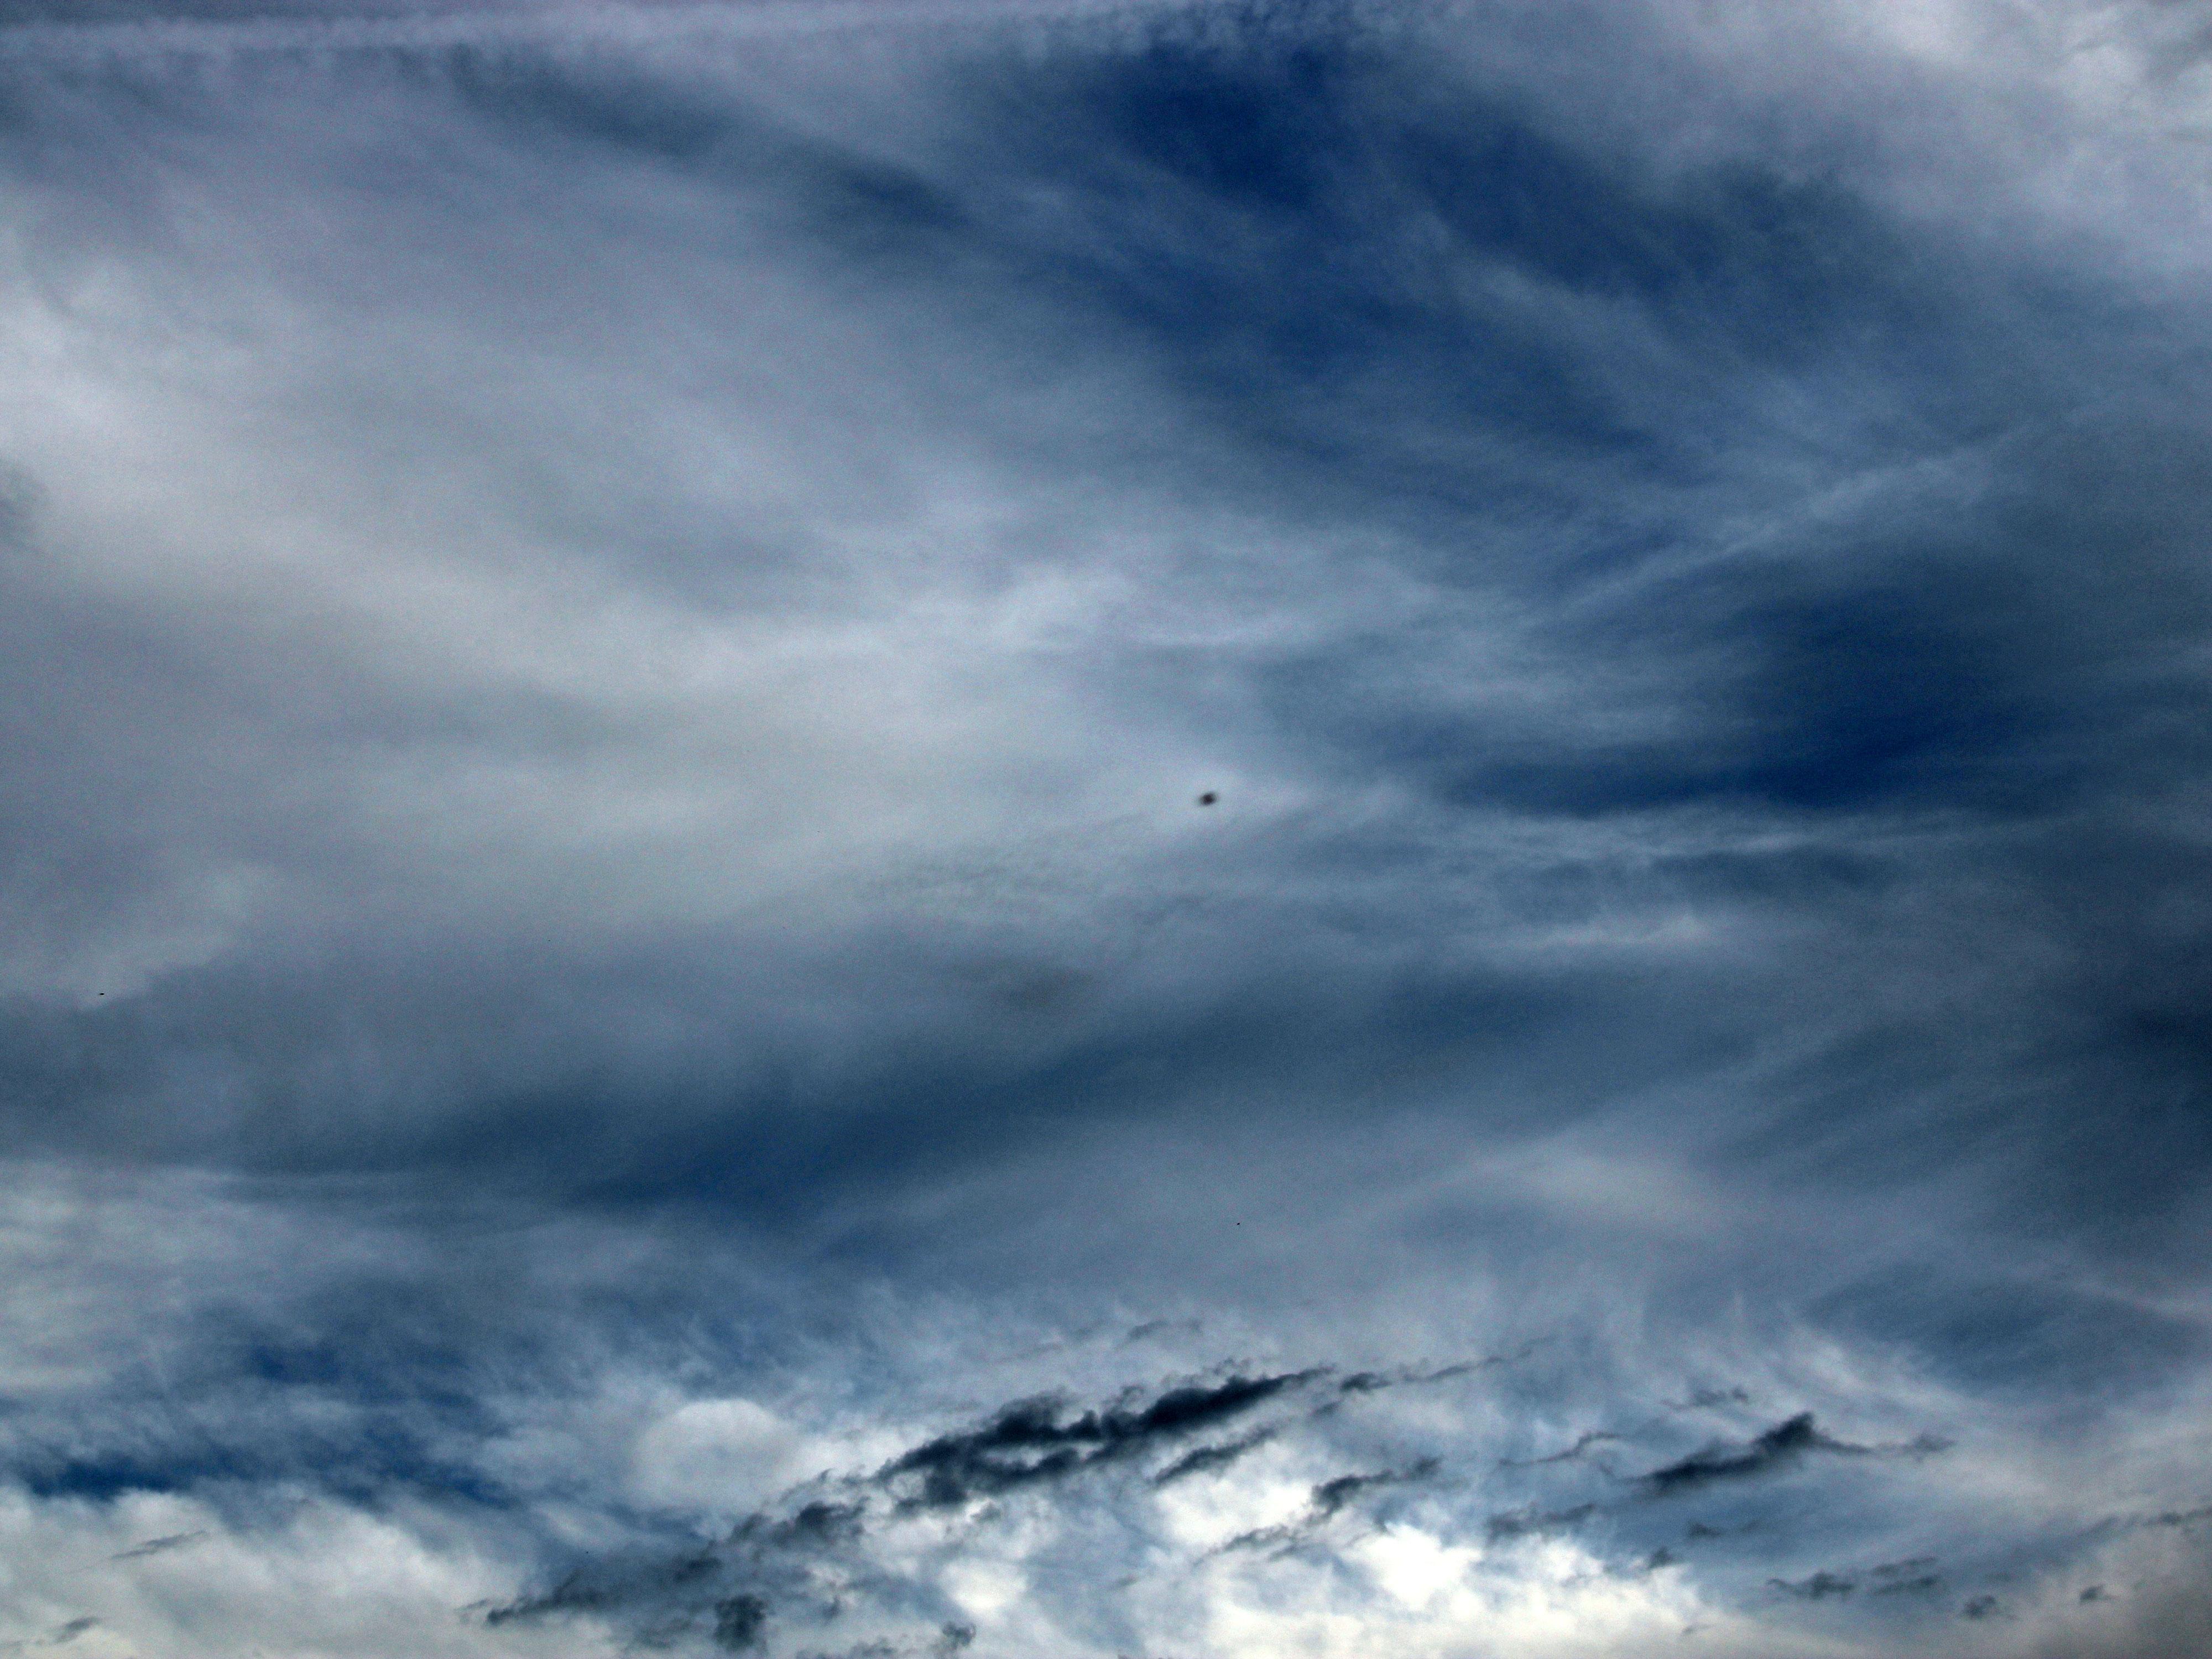 HIMMEL und Wolken Texturen - Hintergrund Bilder - kostenlos und ...